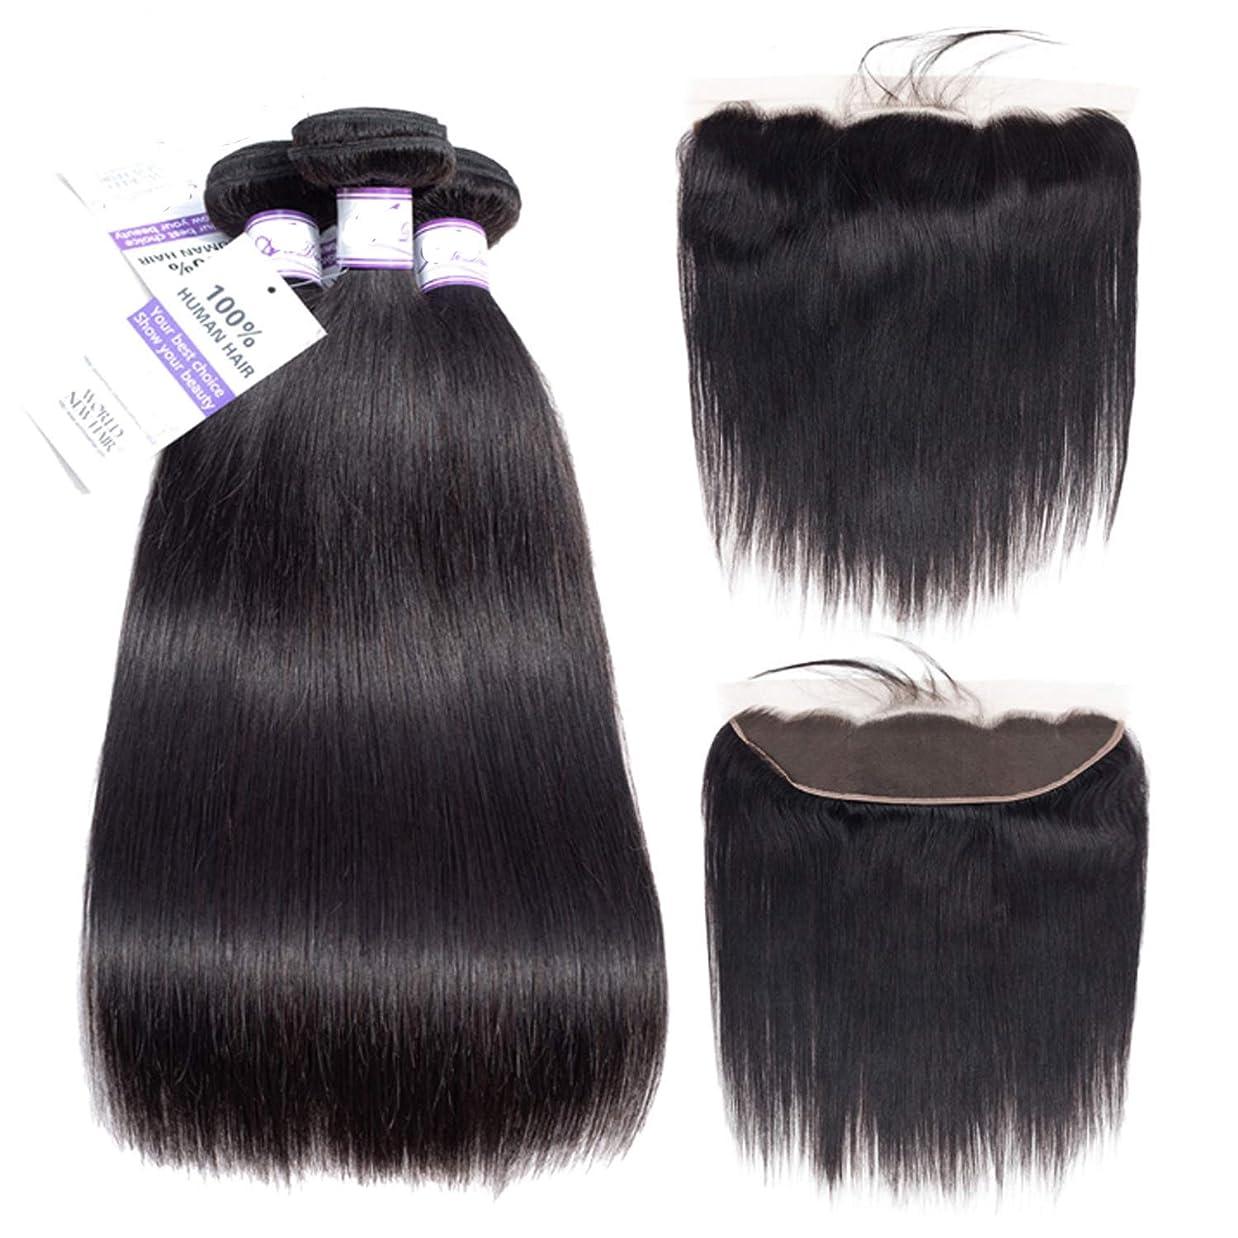 便利さジャニスシチリアかつら ブラジルストレートヘア3バンドル付き13 * 4レース前頭閉鎖髪織りバンドルレミー人間の髪の毛の拡張子 (Length : 20 20 20 Cl18)